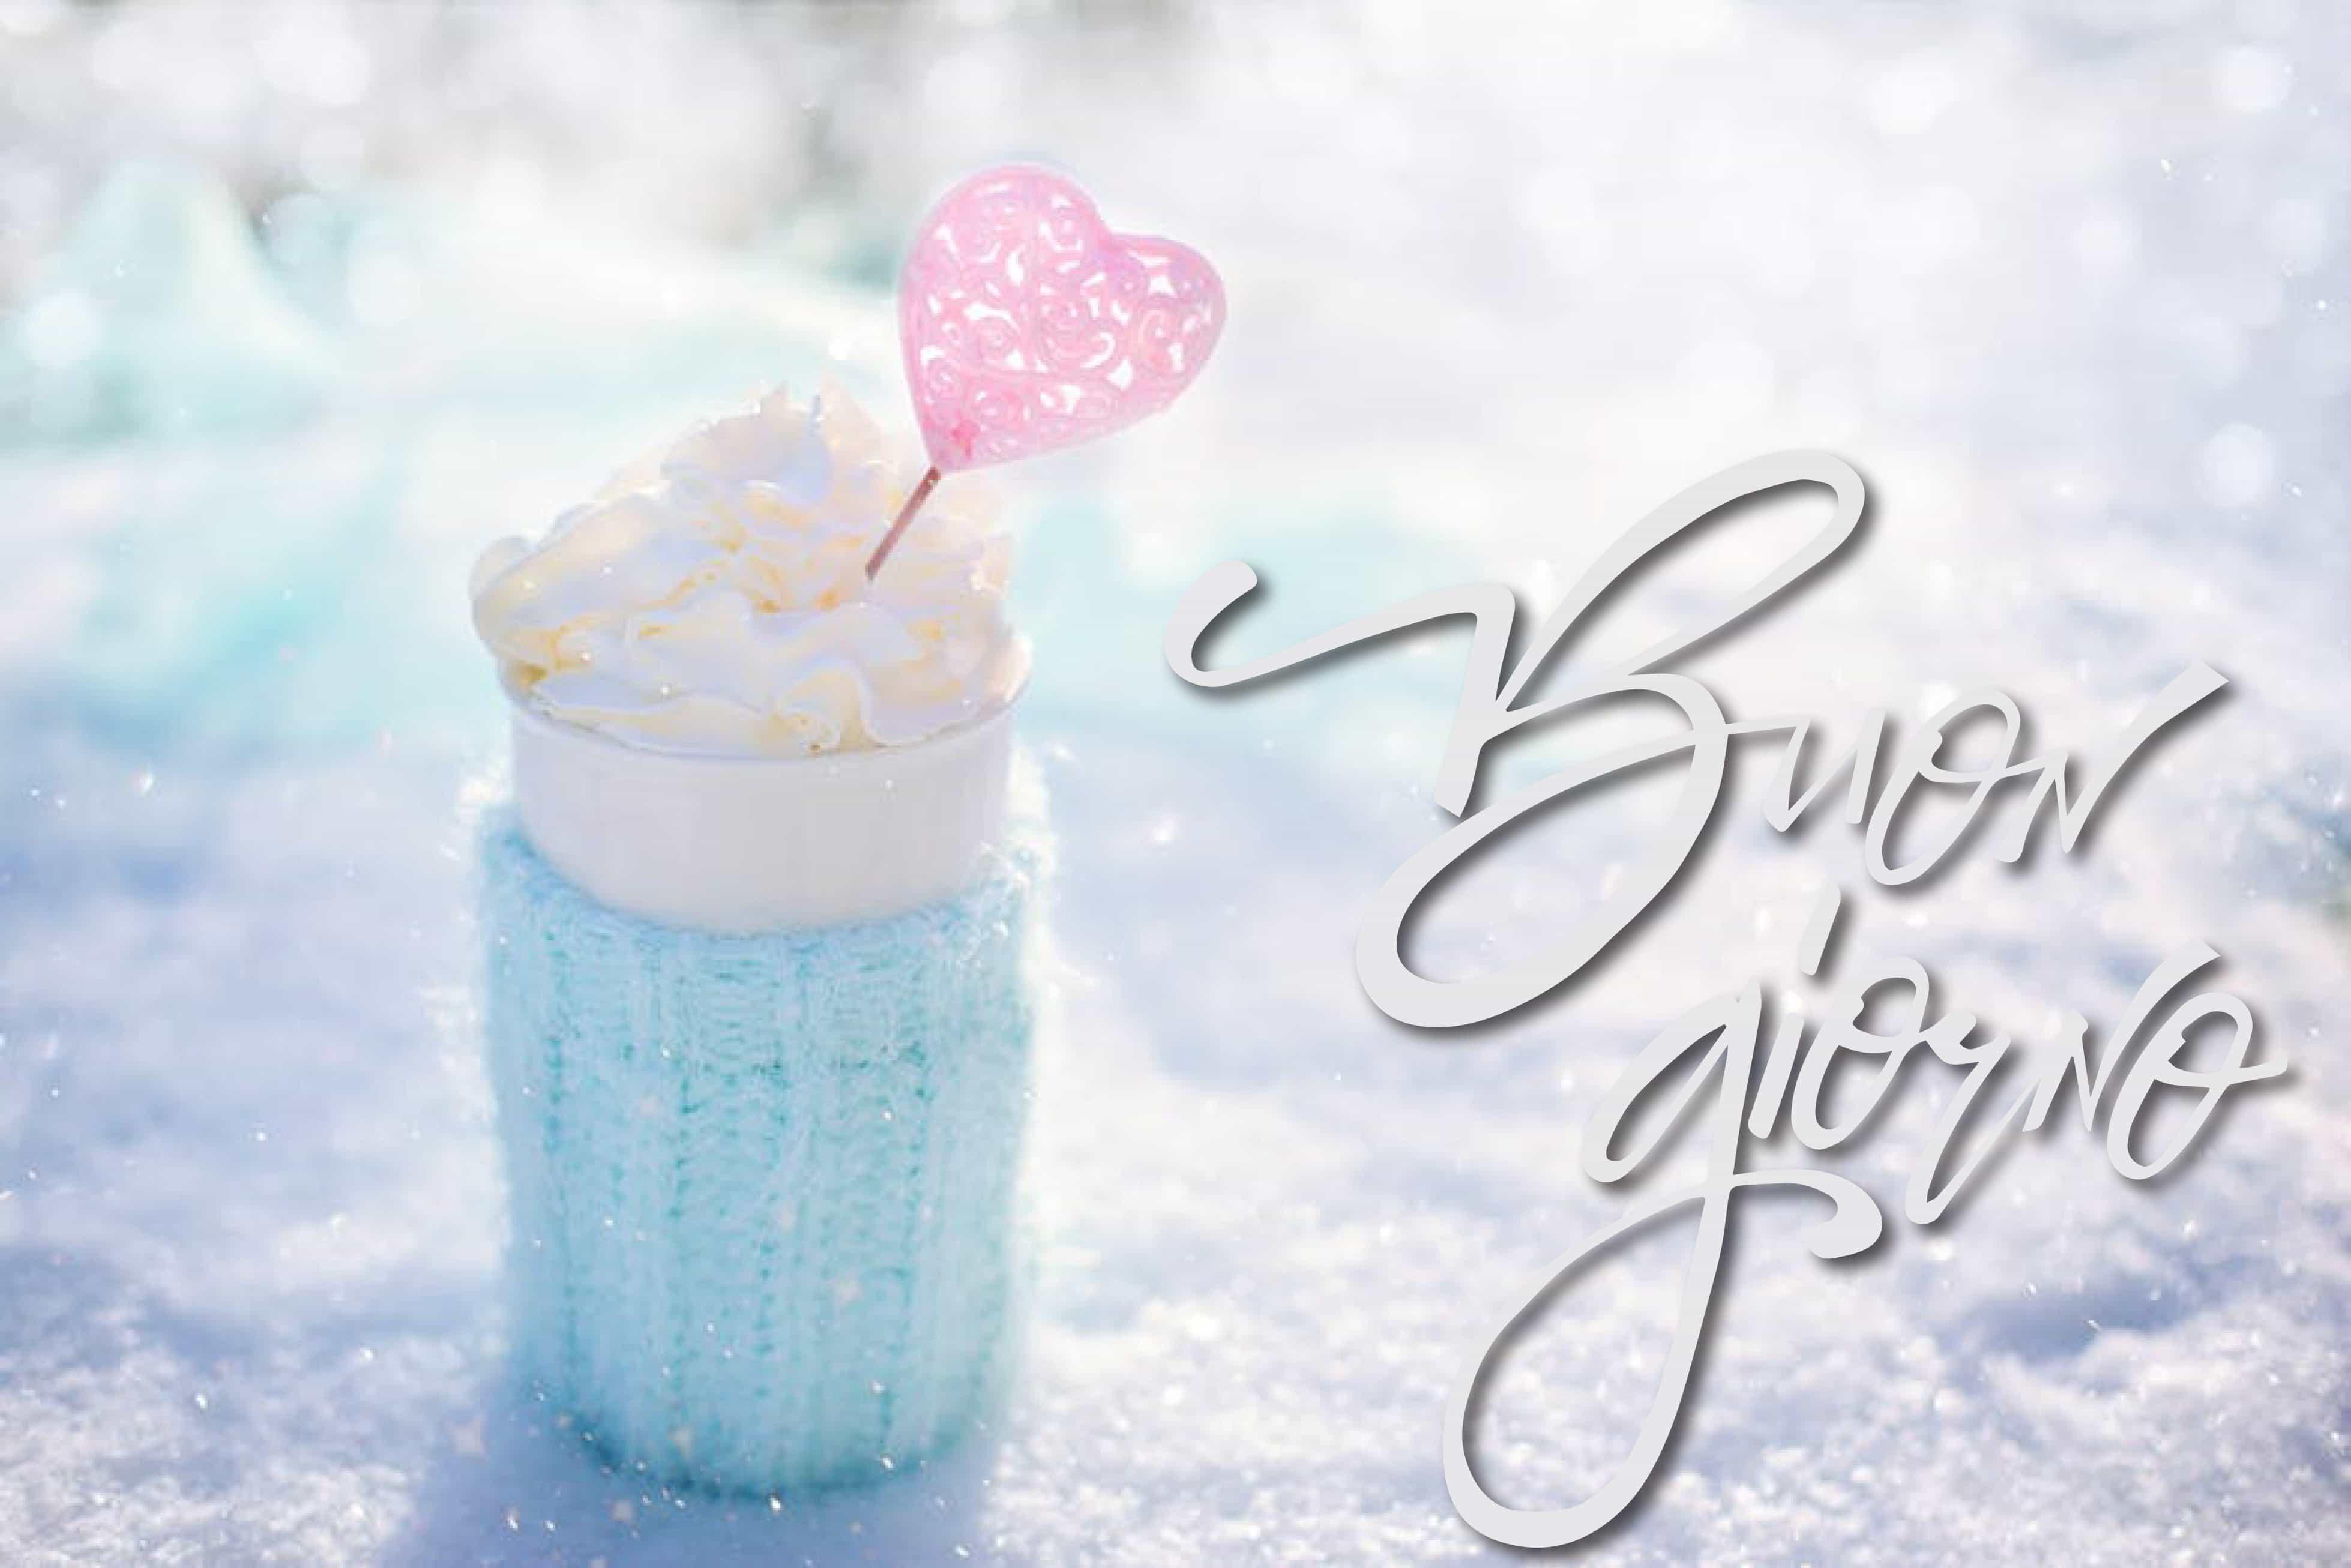 Immagini buongiorno inverno gratis